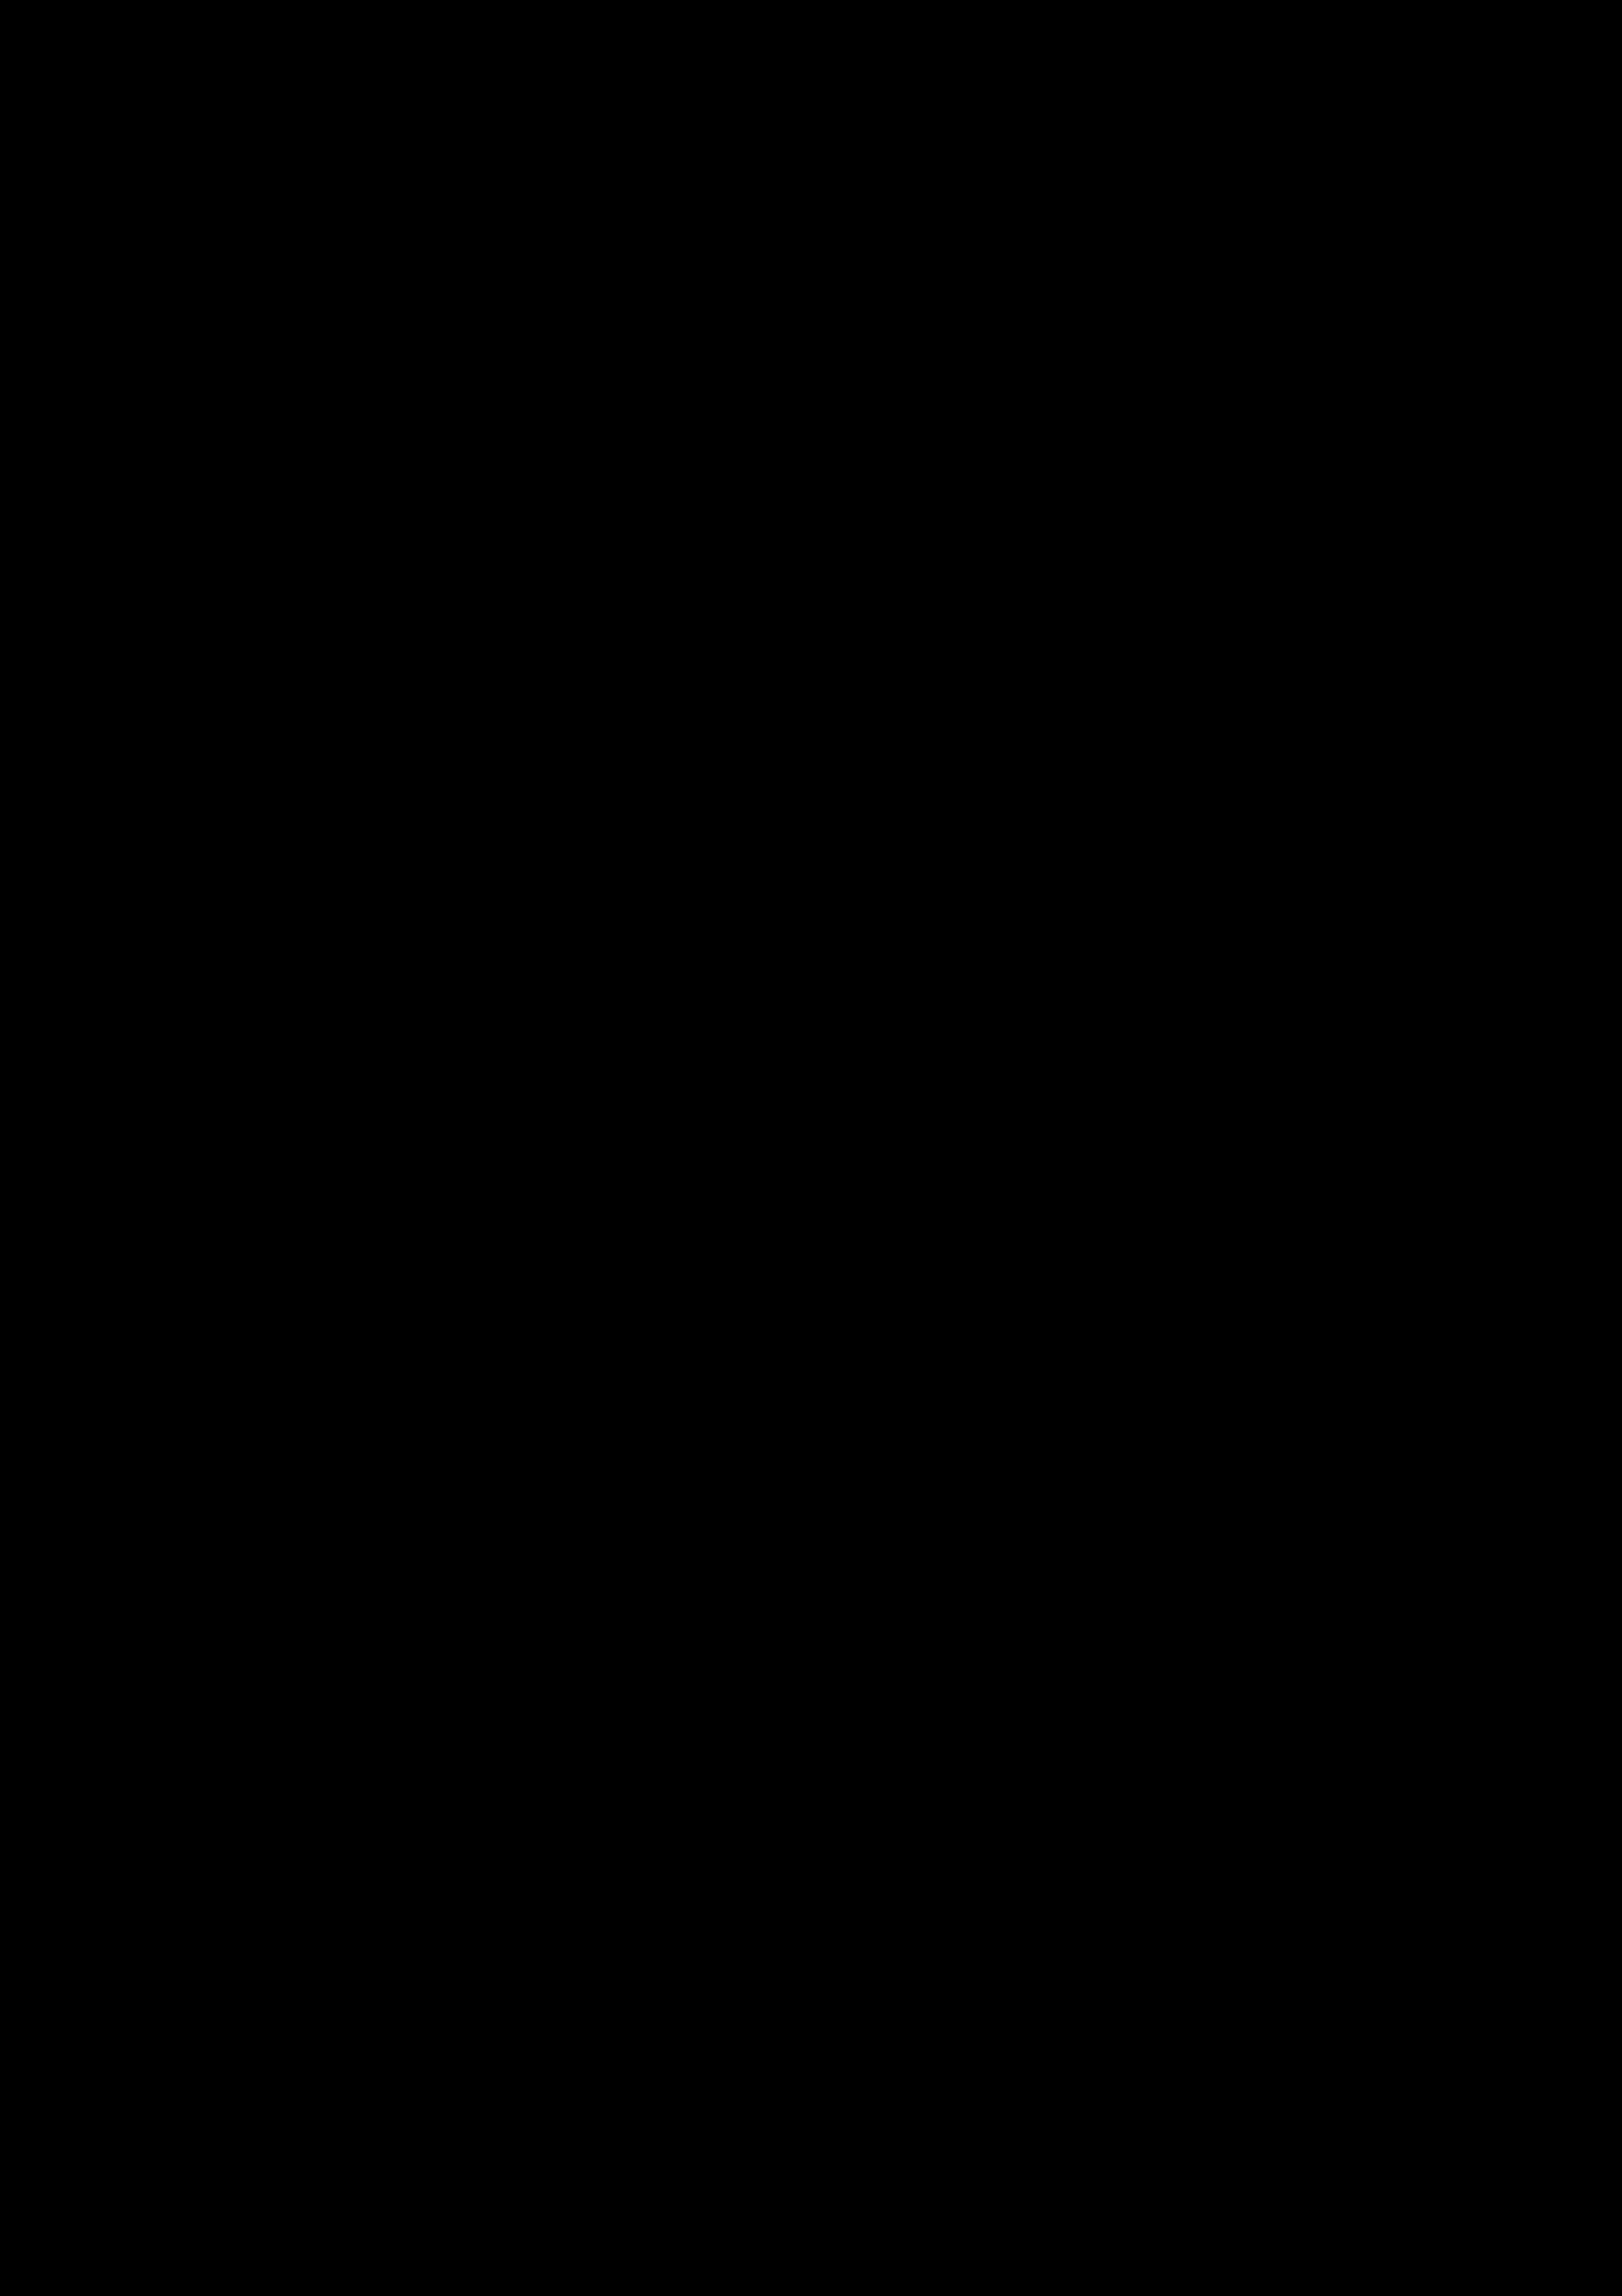 A1_krasnaya_pyatnitsa_2019-01